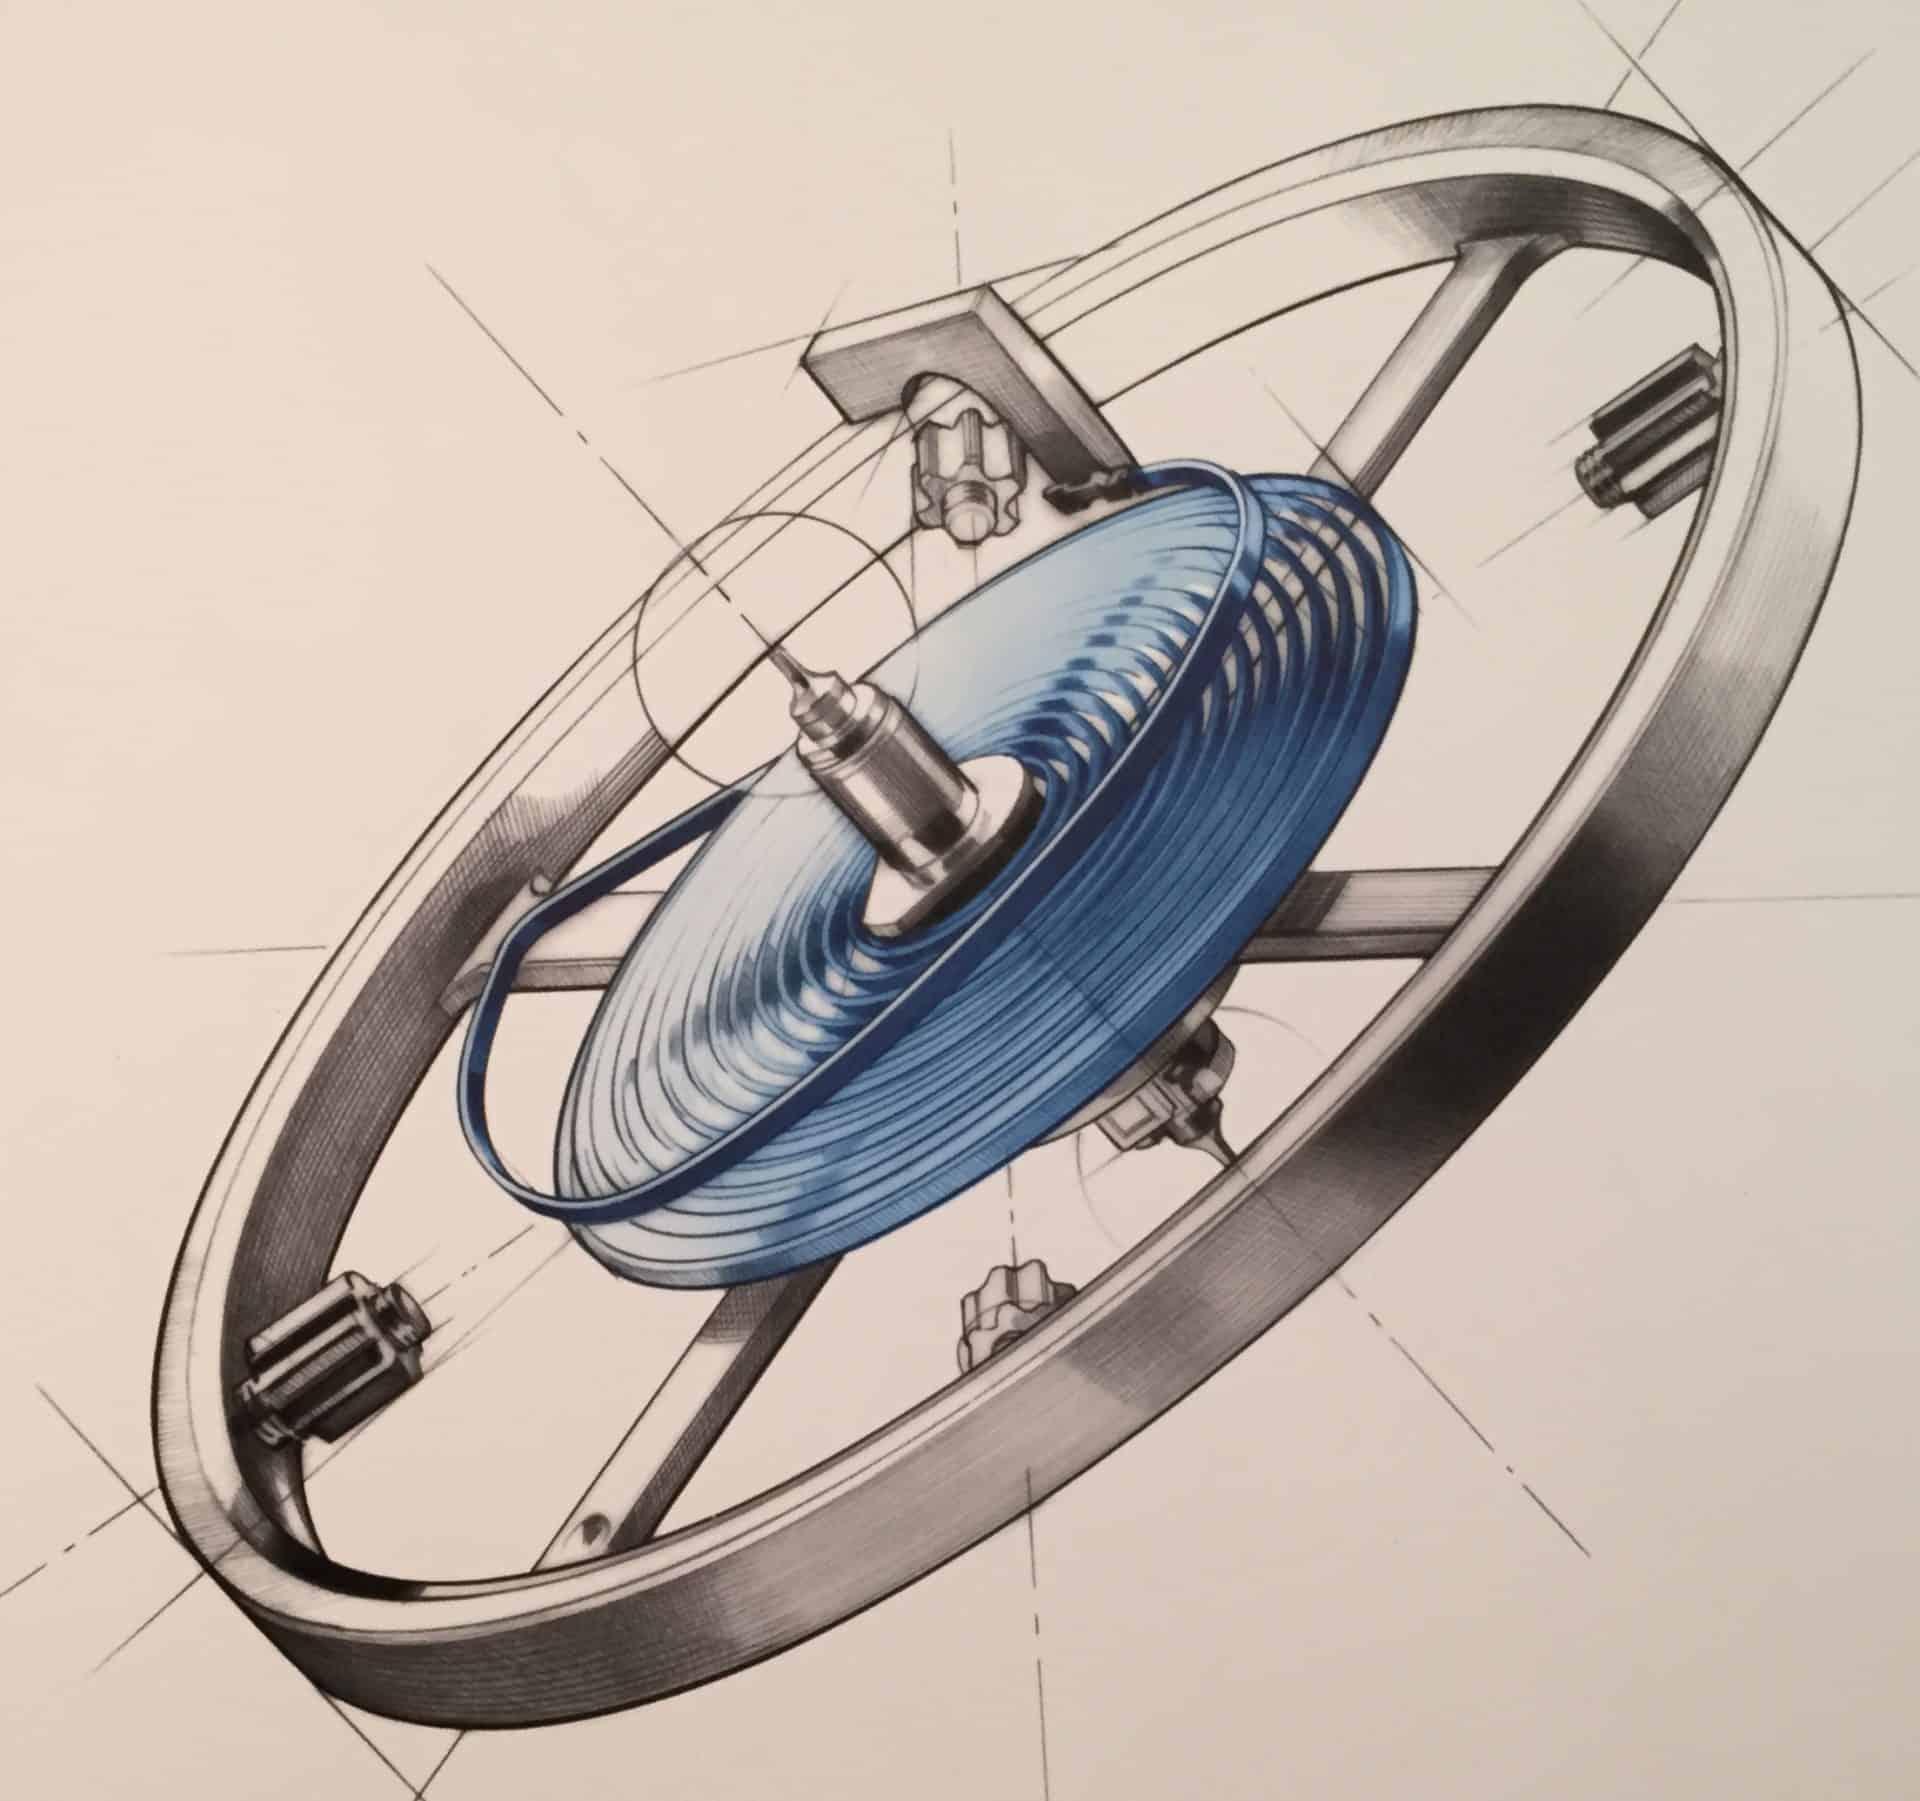 So sieht eine Rolex-Unruh mit frei schwingender Breguetspirale aus